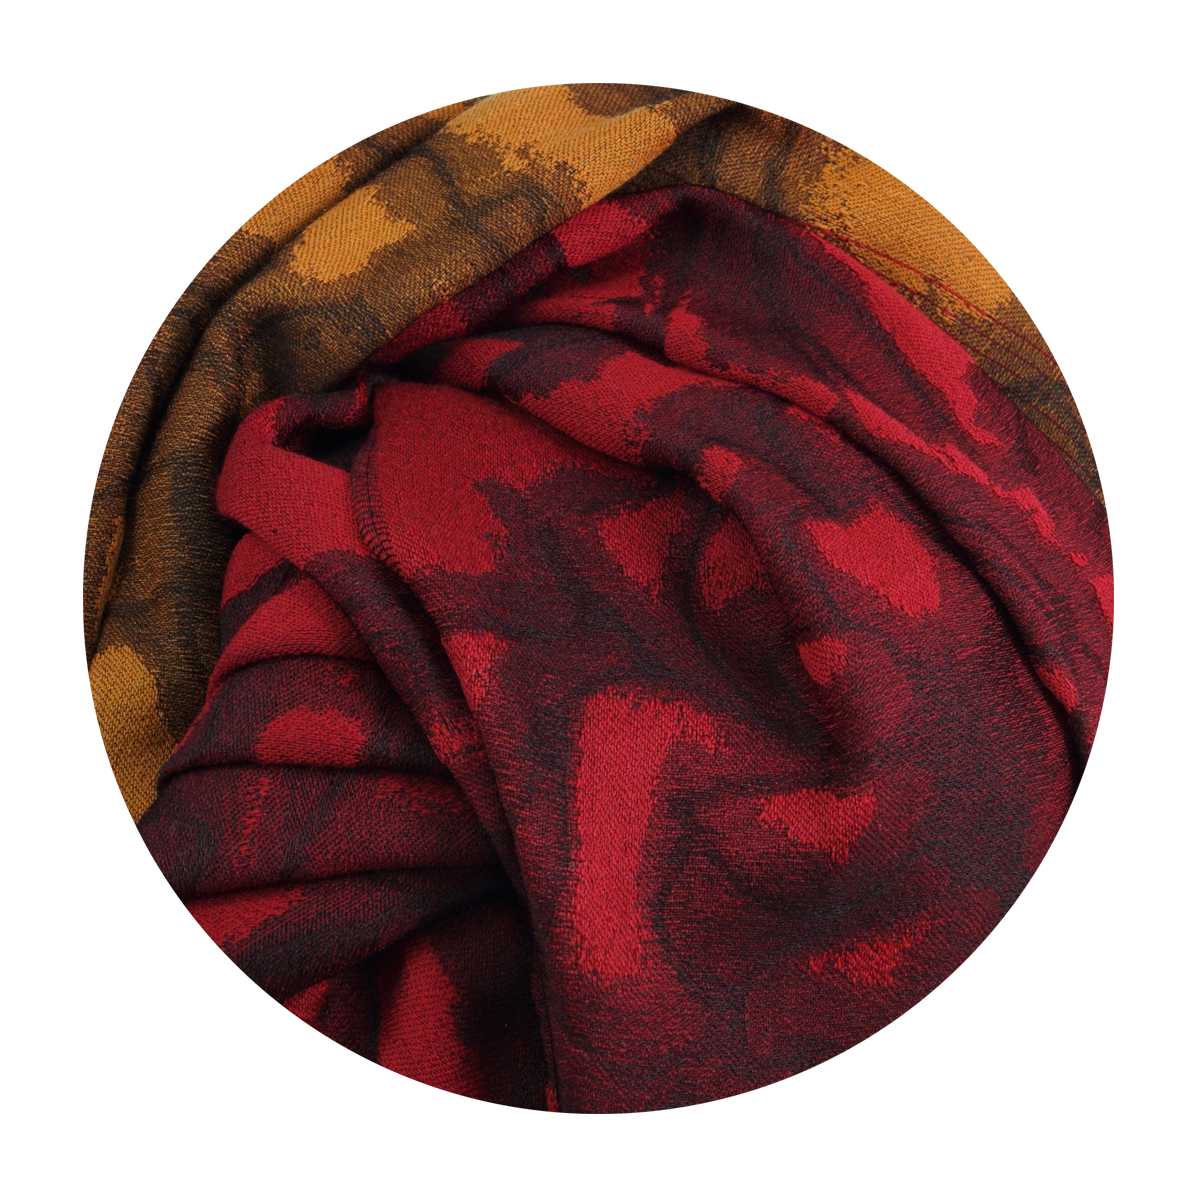 4a2a4727201 Grande étole Femme Rouge et Orange en Laine Soie - Très légère